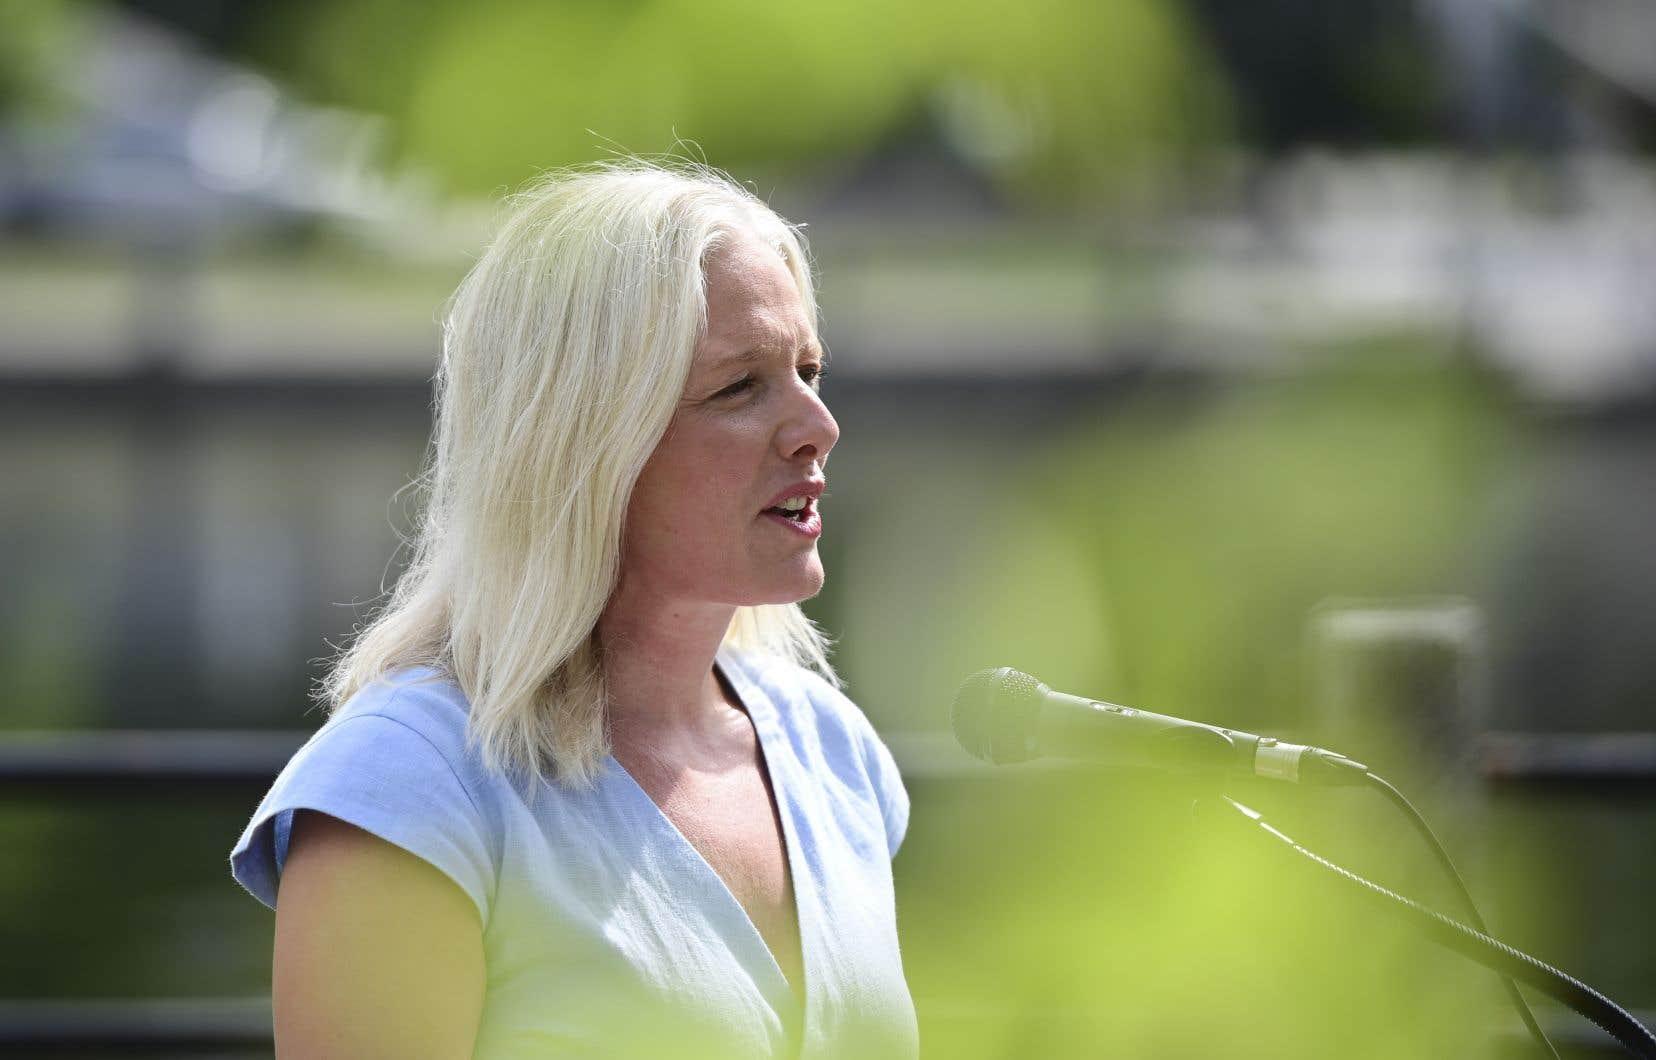 En tant que ministre de l'Environnement, Catherine McKenna a été fréquemment la cible d'attaques haineuses, à la fois en ligne et en personne.